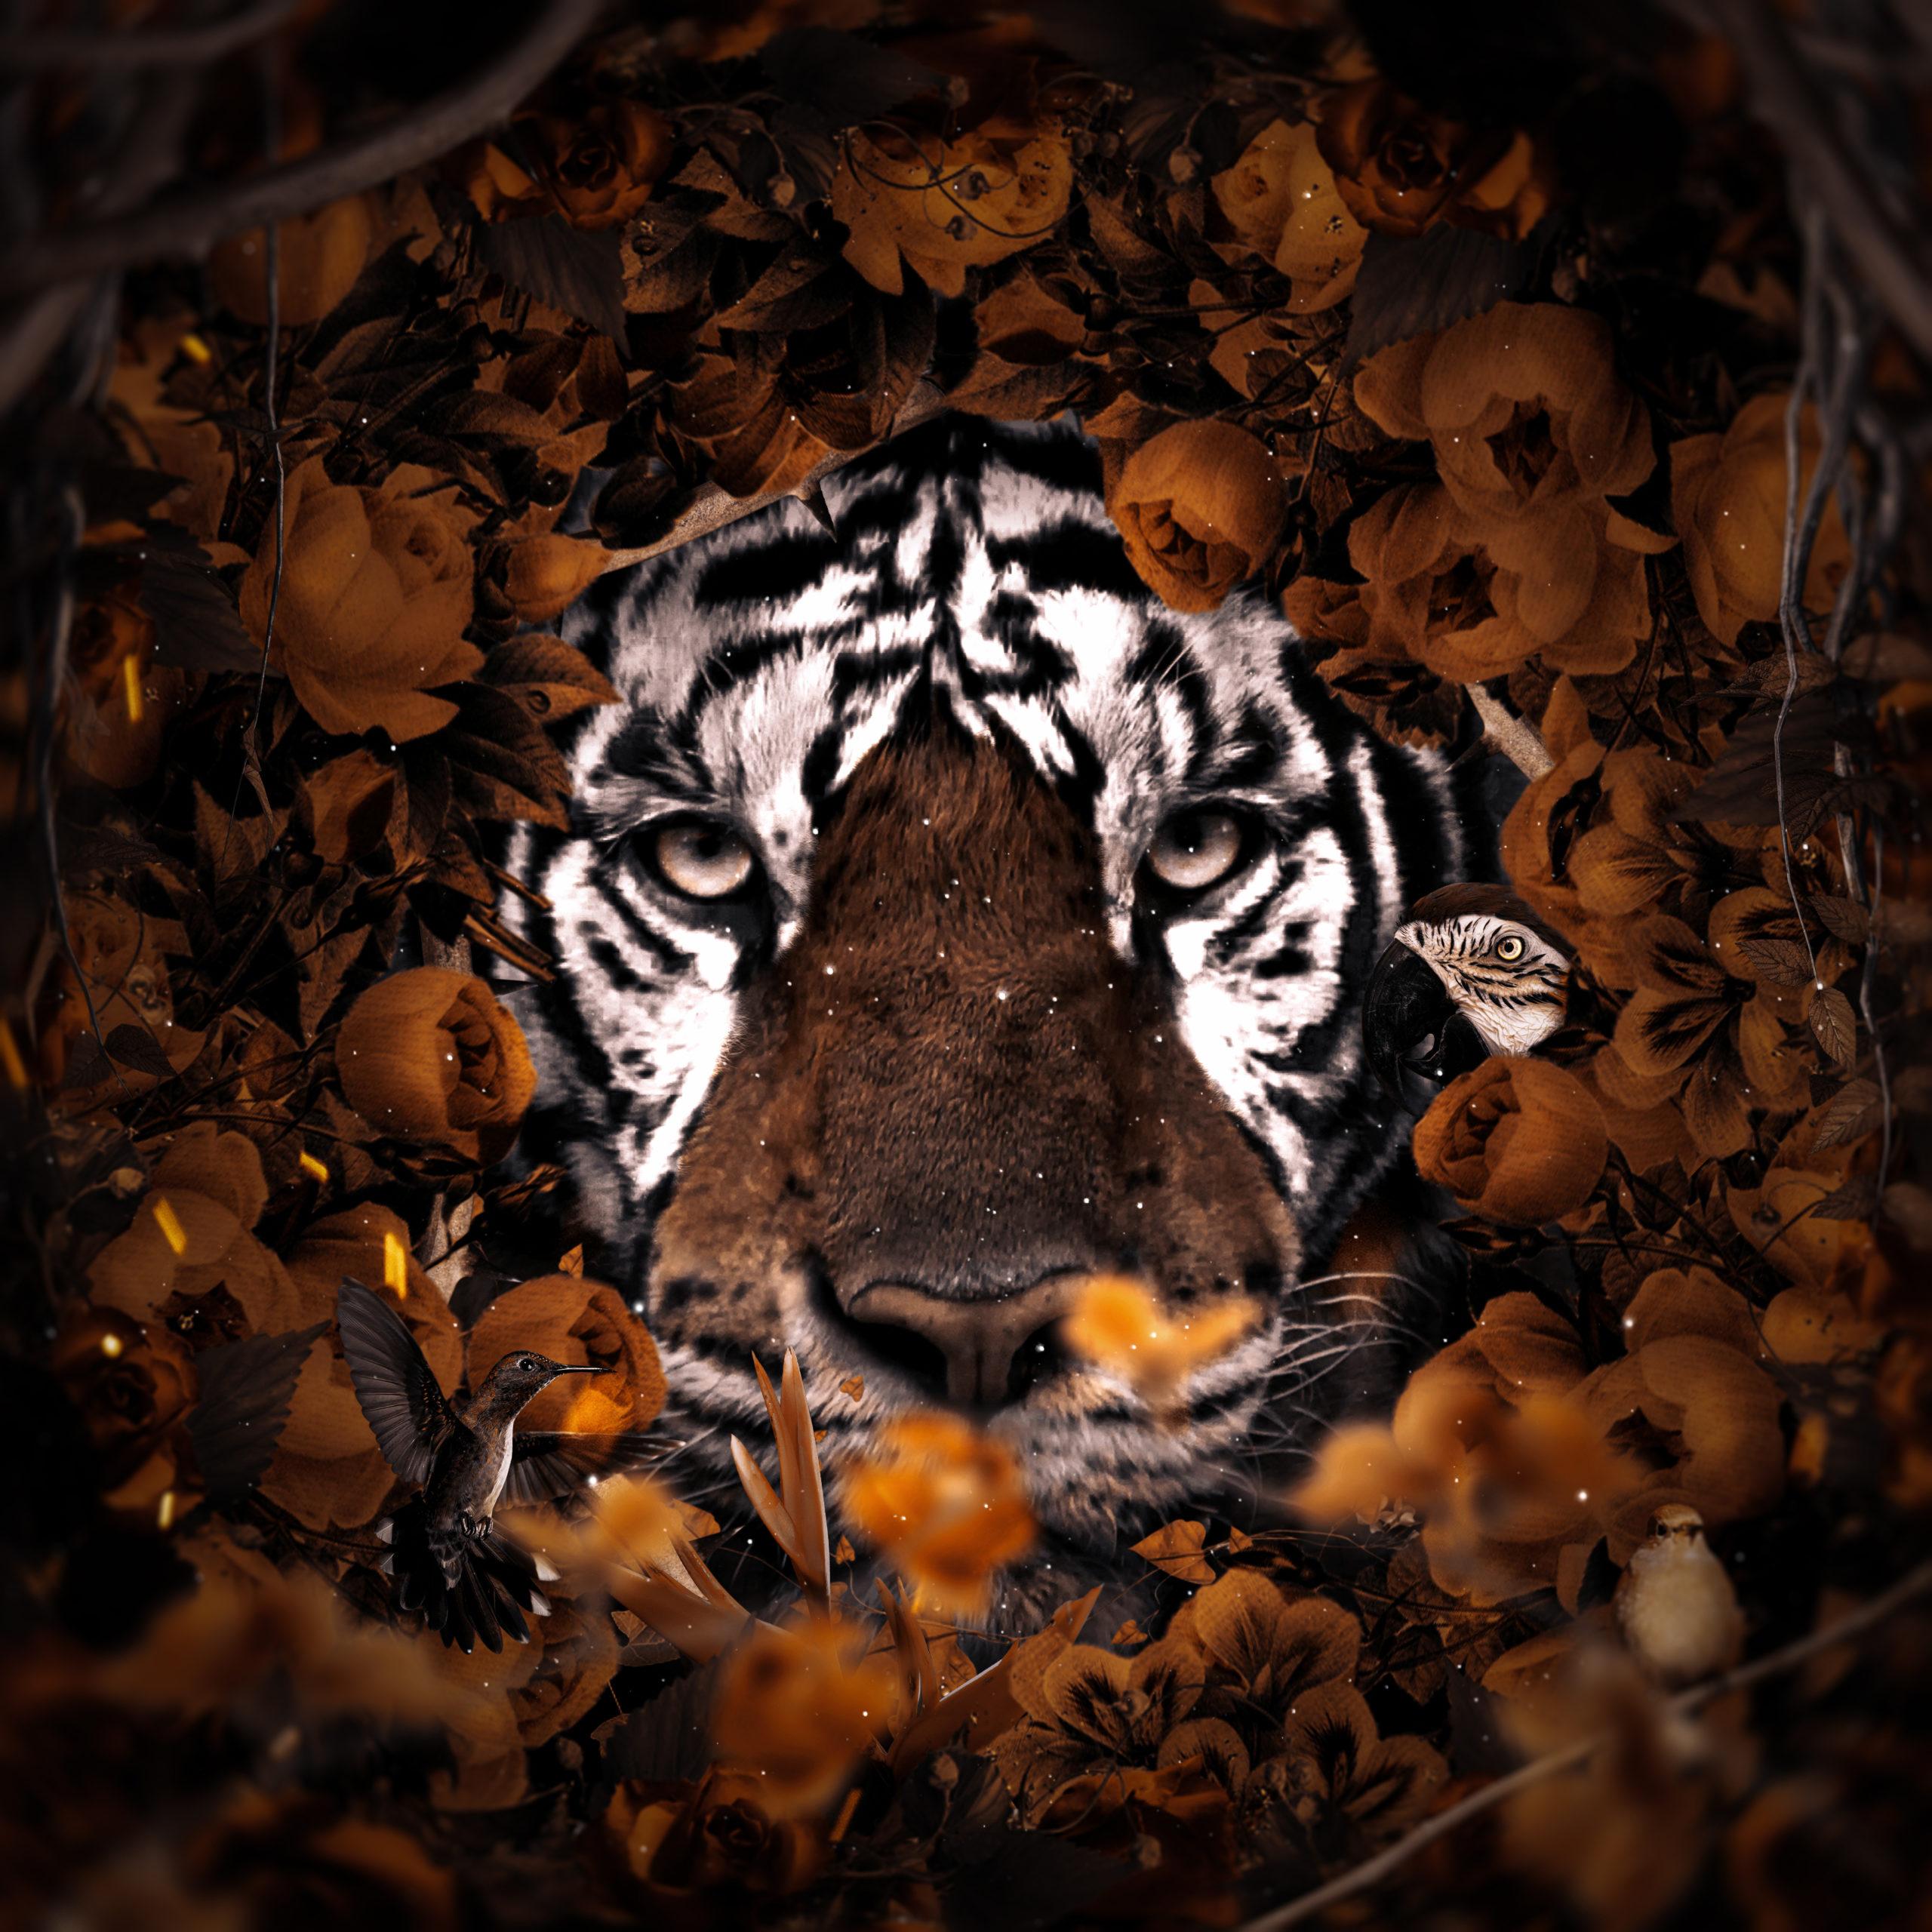 Floral Tiger surreal digital wall art prints